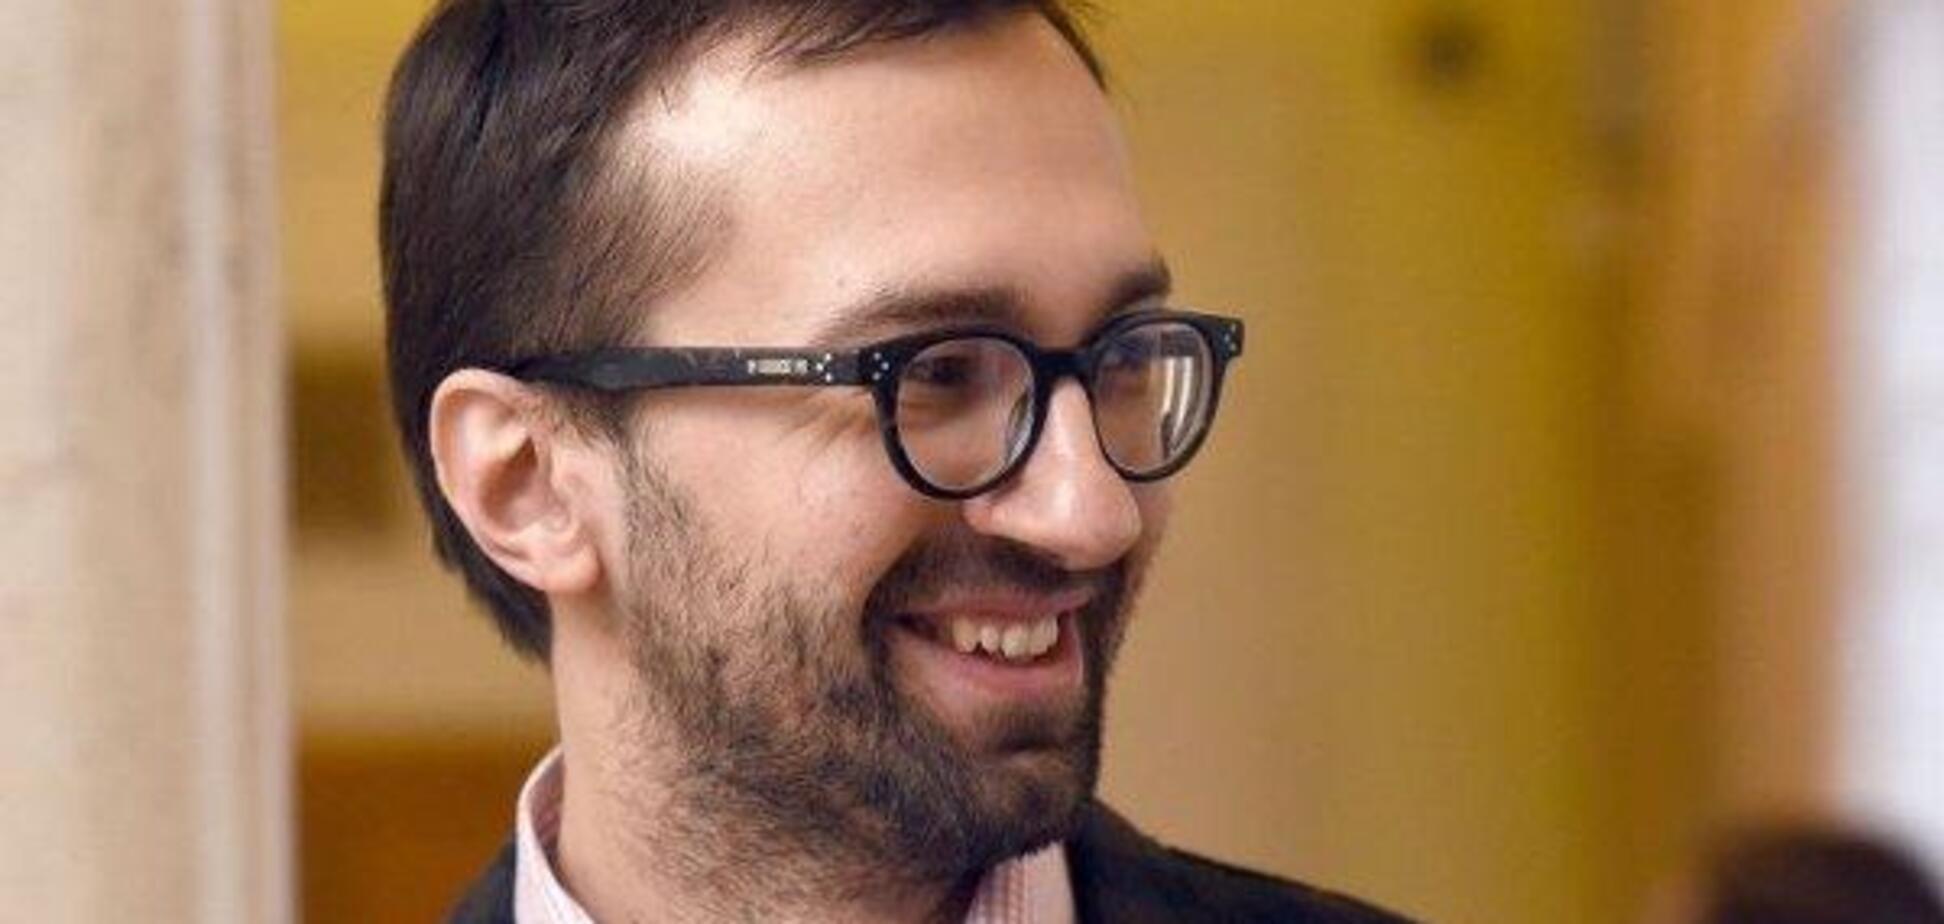 Лещенко уличили в заступничестве за скандального бизнесмена: опубликован документ